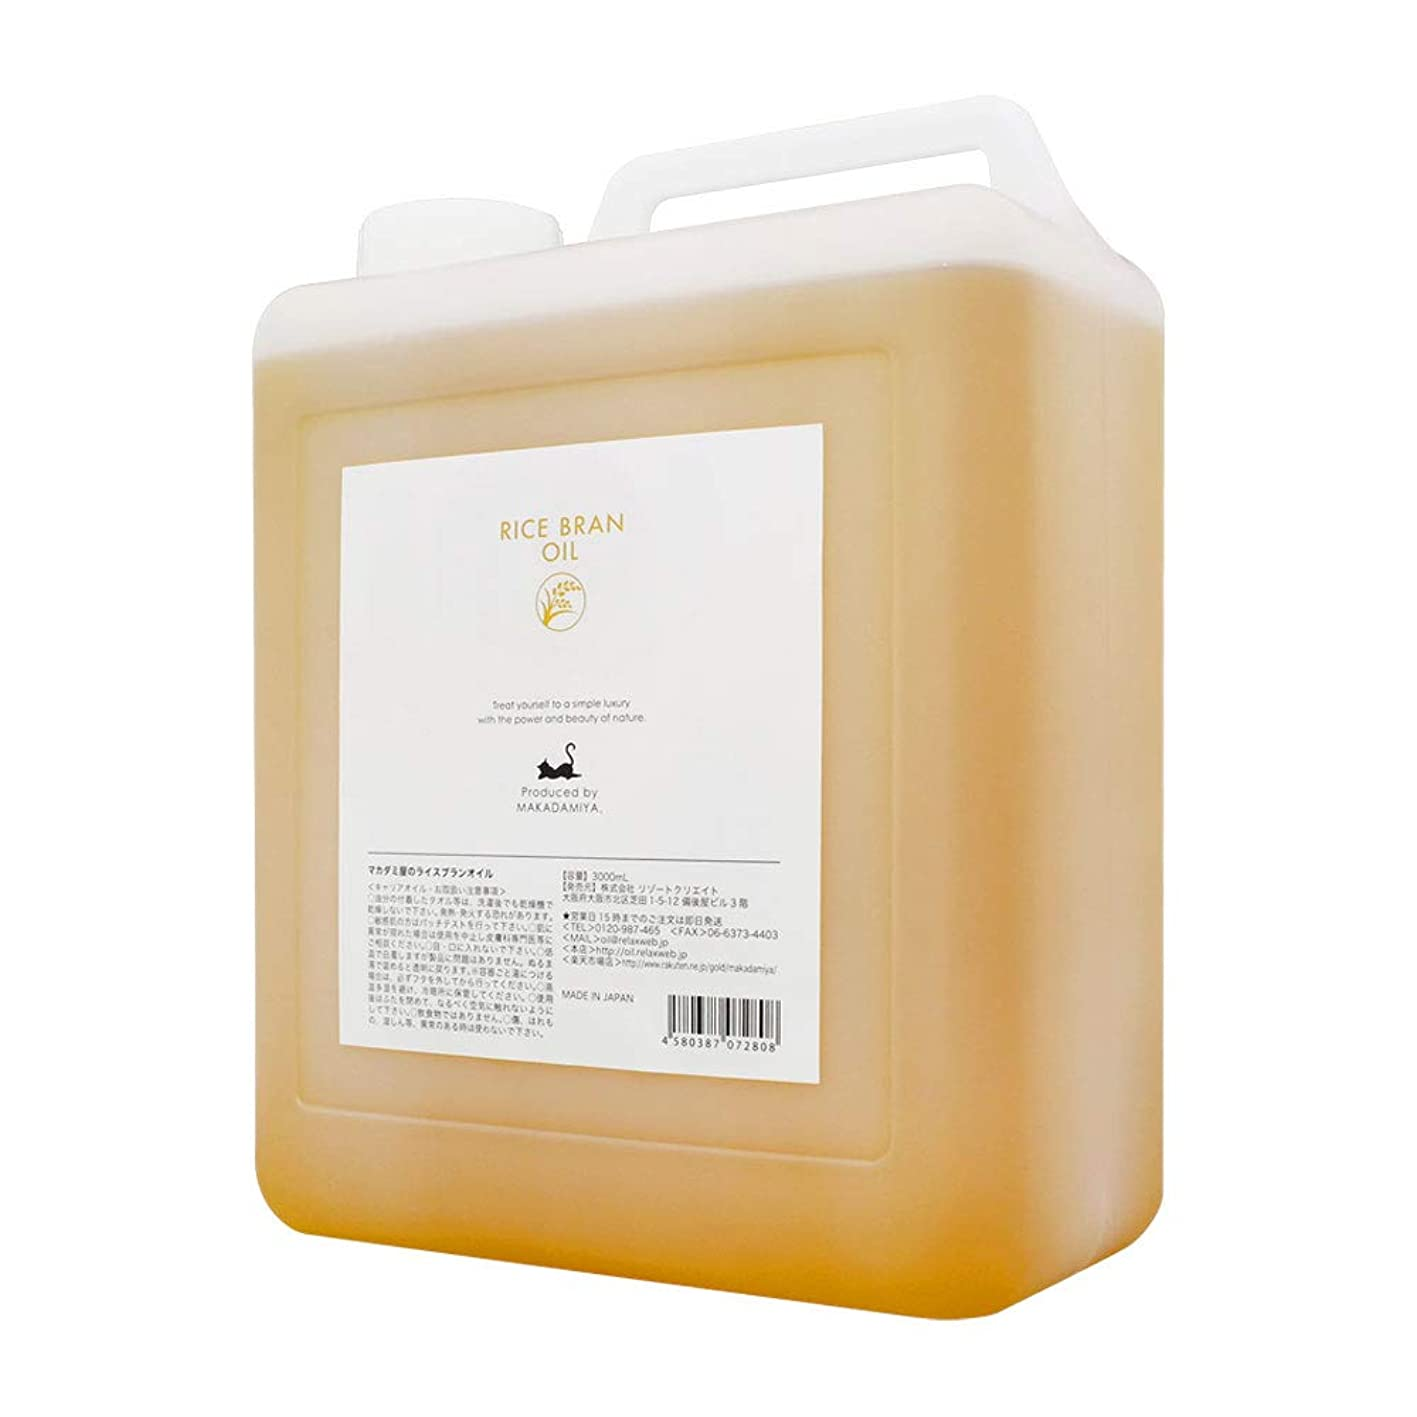 メロディーキャッシュ溶接ライスブランオイル3000ml (米油 米ぬか油 ライスオイル/コック付) 高級サロン仕様 マッサージオイル キャリアオイル (フェイス/ボディ用) 業務用?大容量